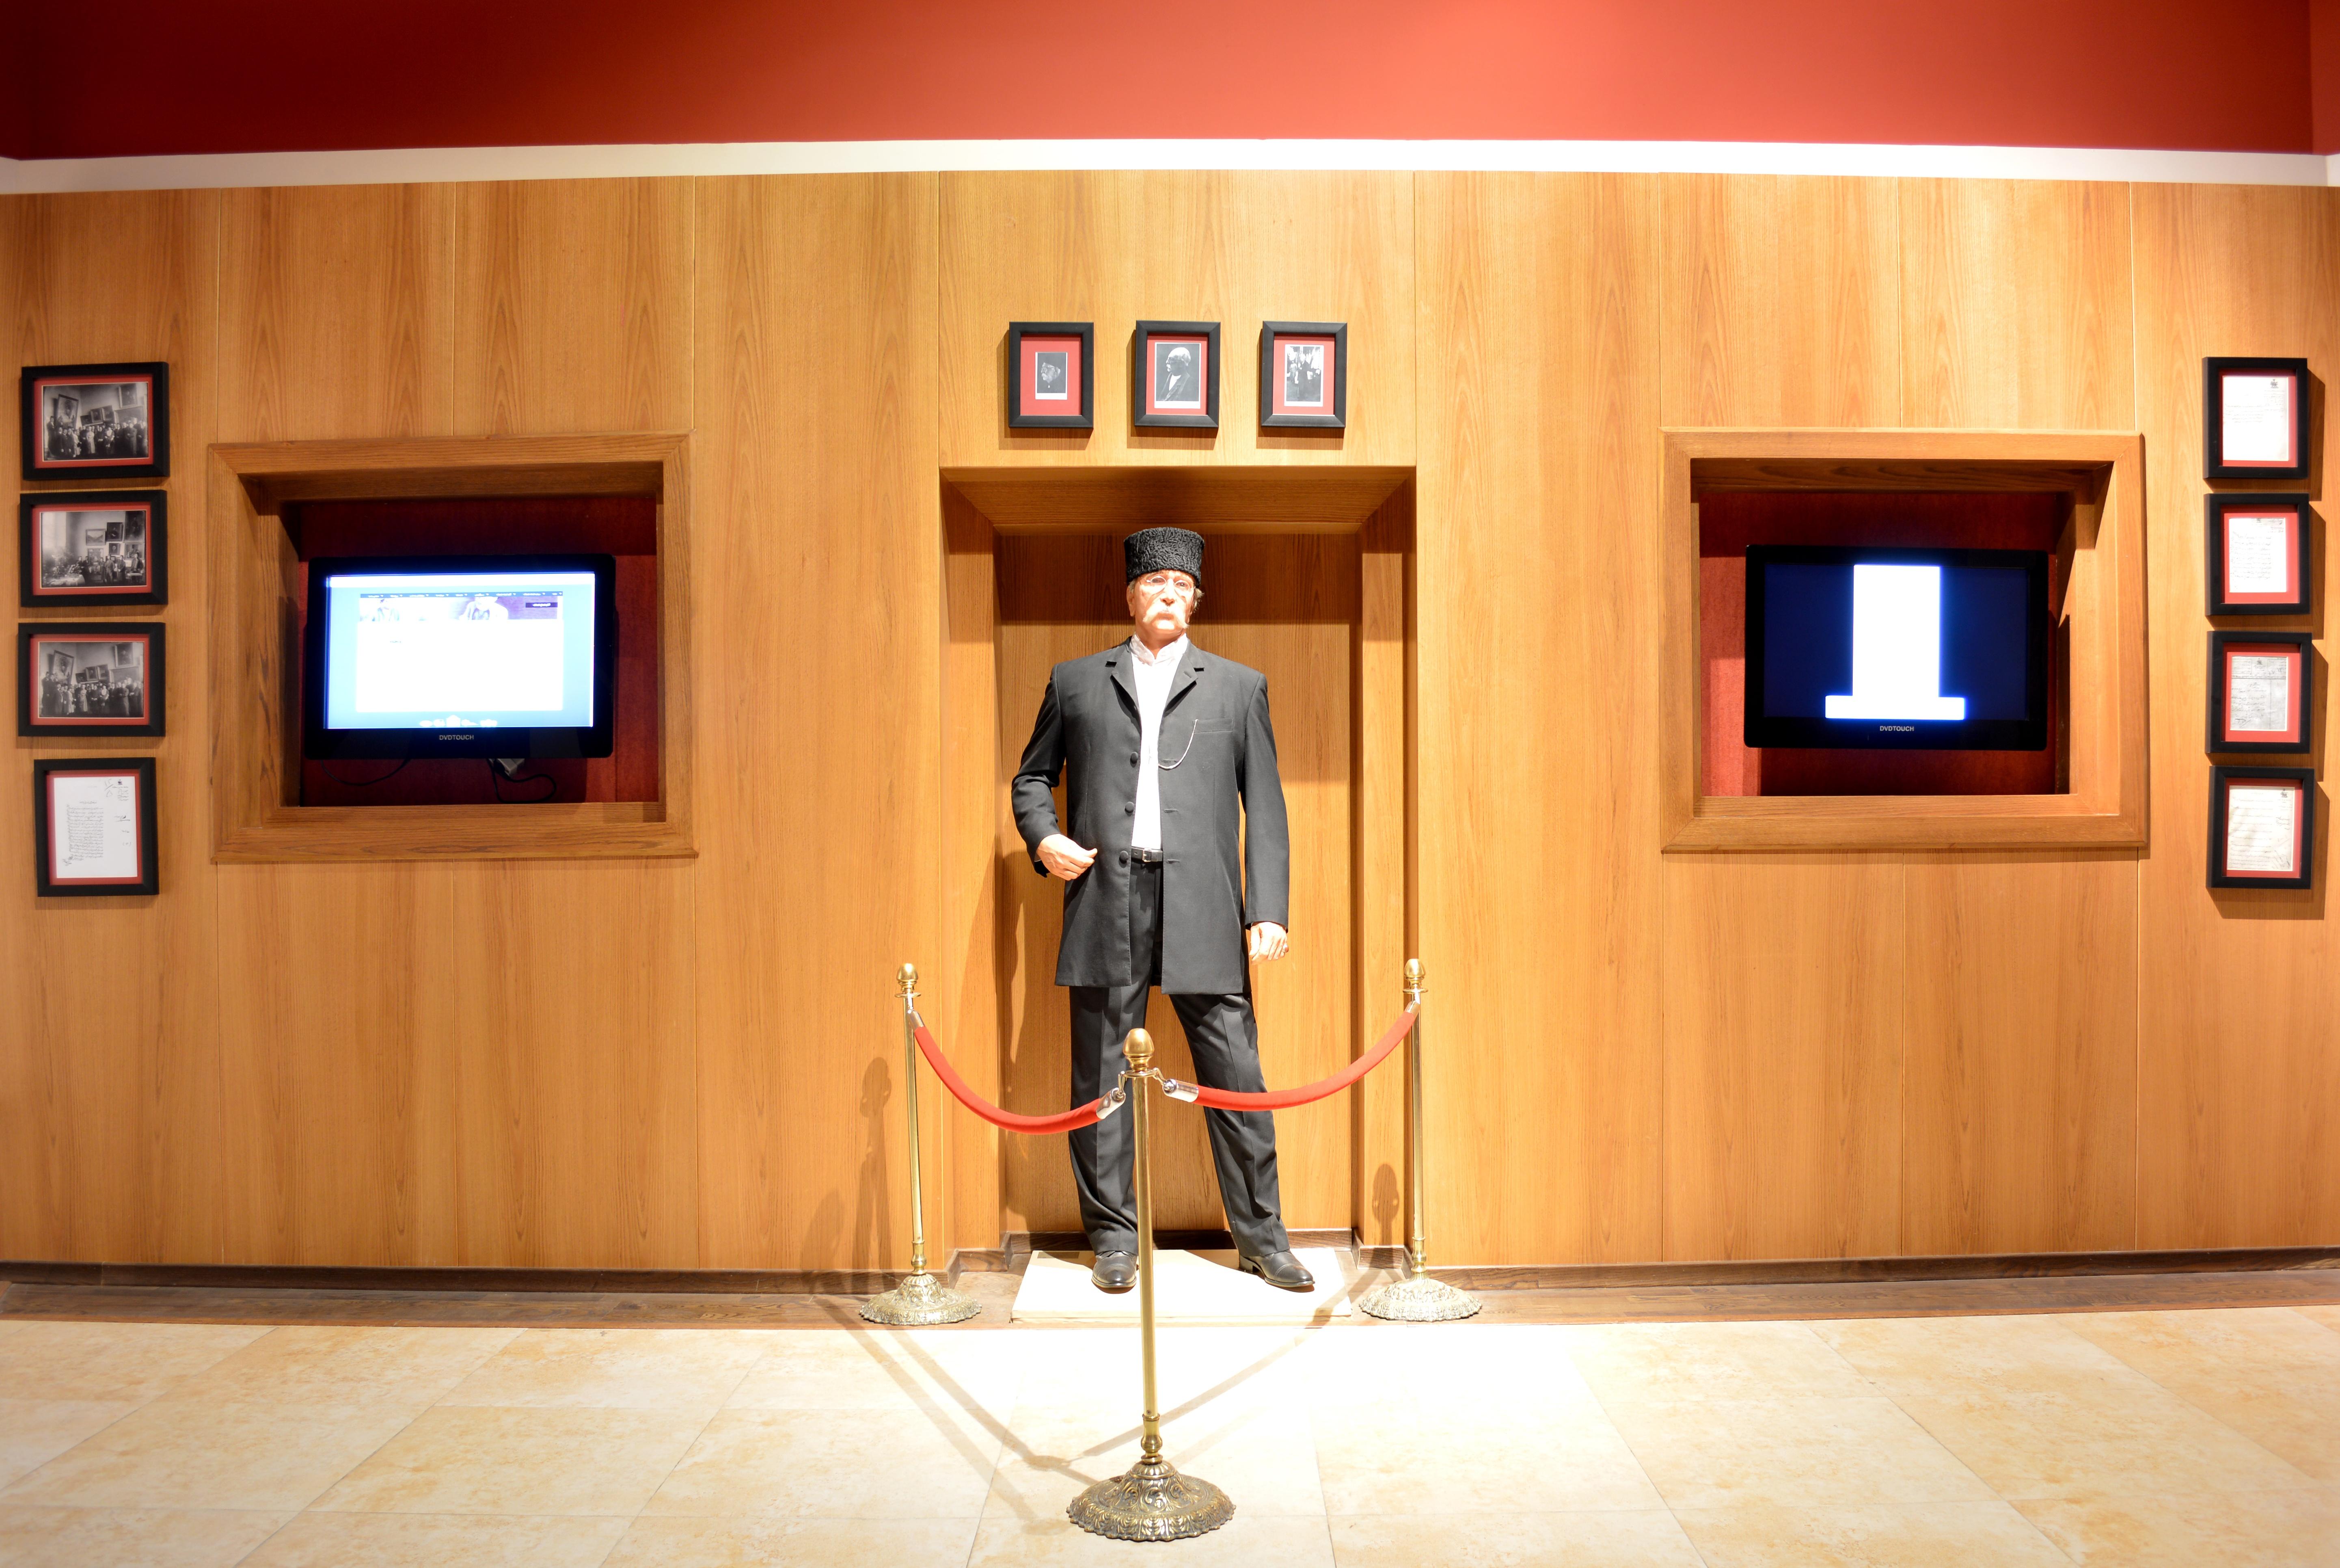 نمایشگاه دائمی آثار خاندان غفاری و کمال الملک (مجسمه کمال الملک)